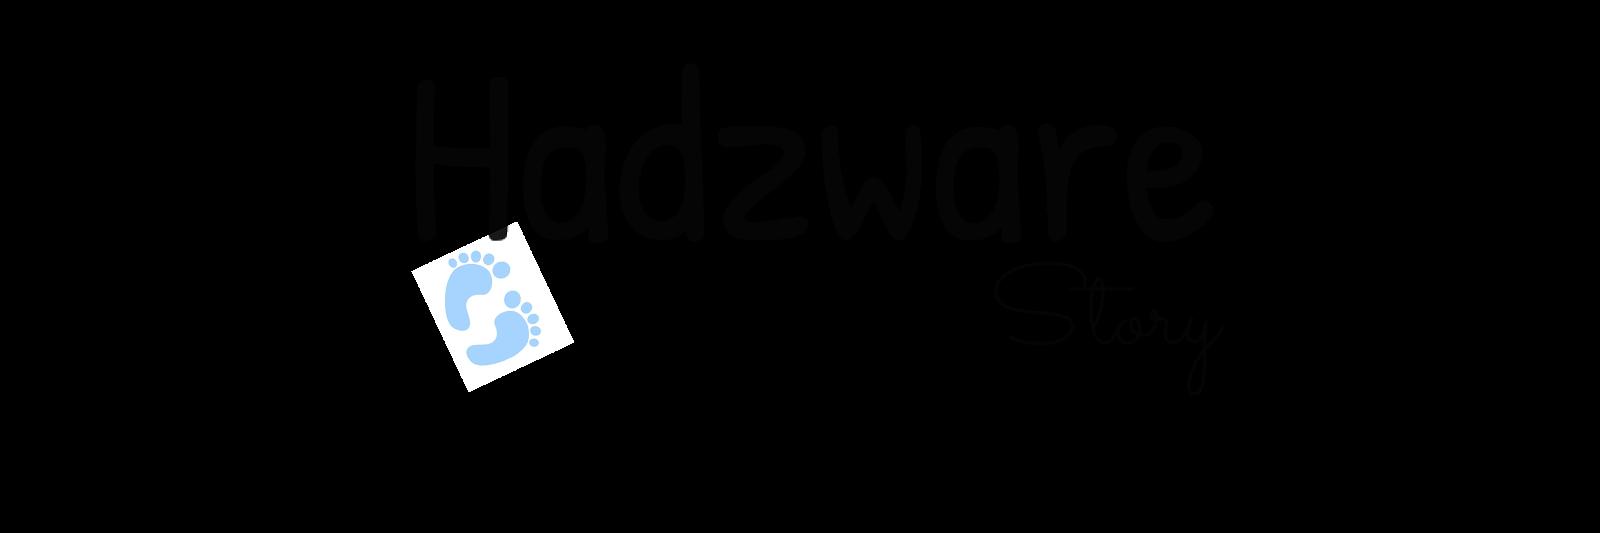 Hadzware Story